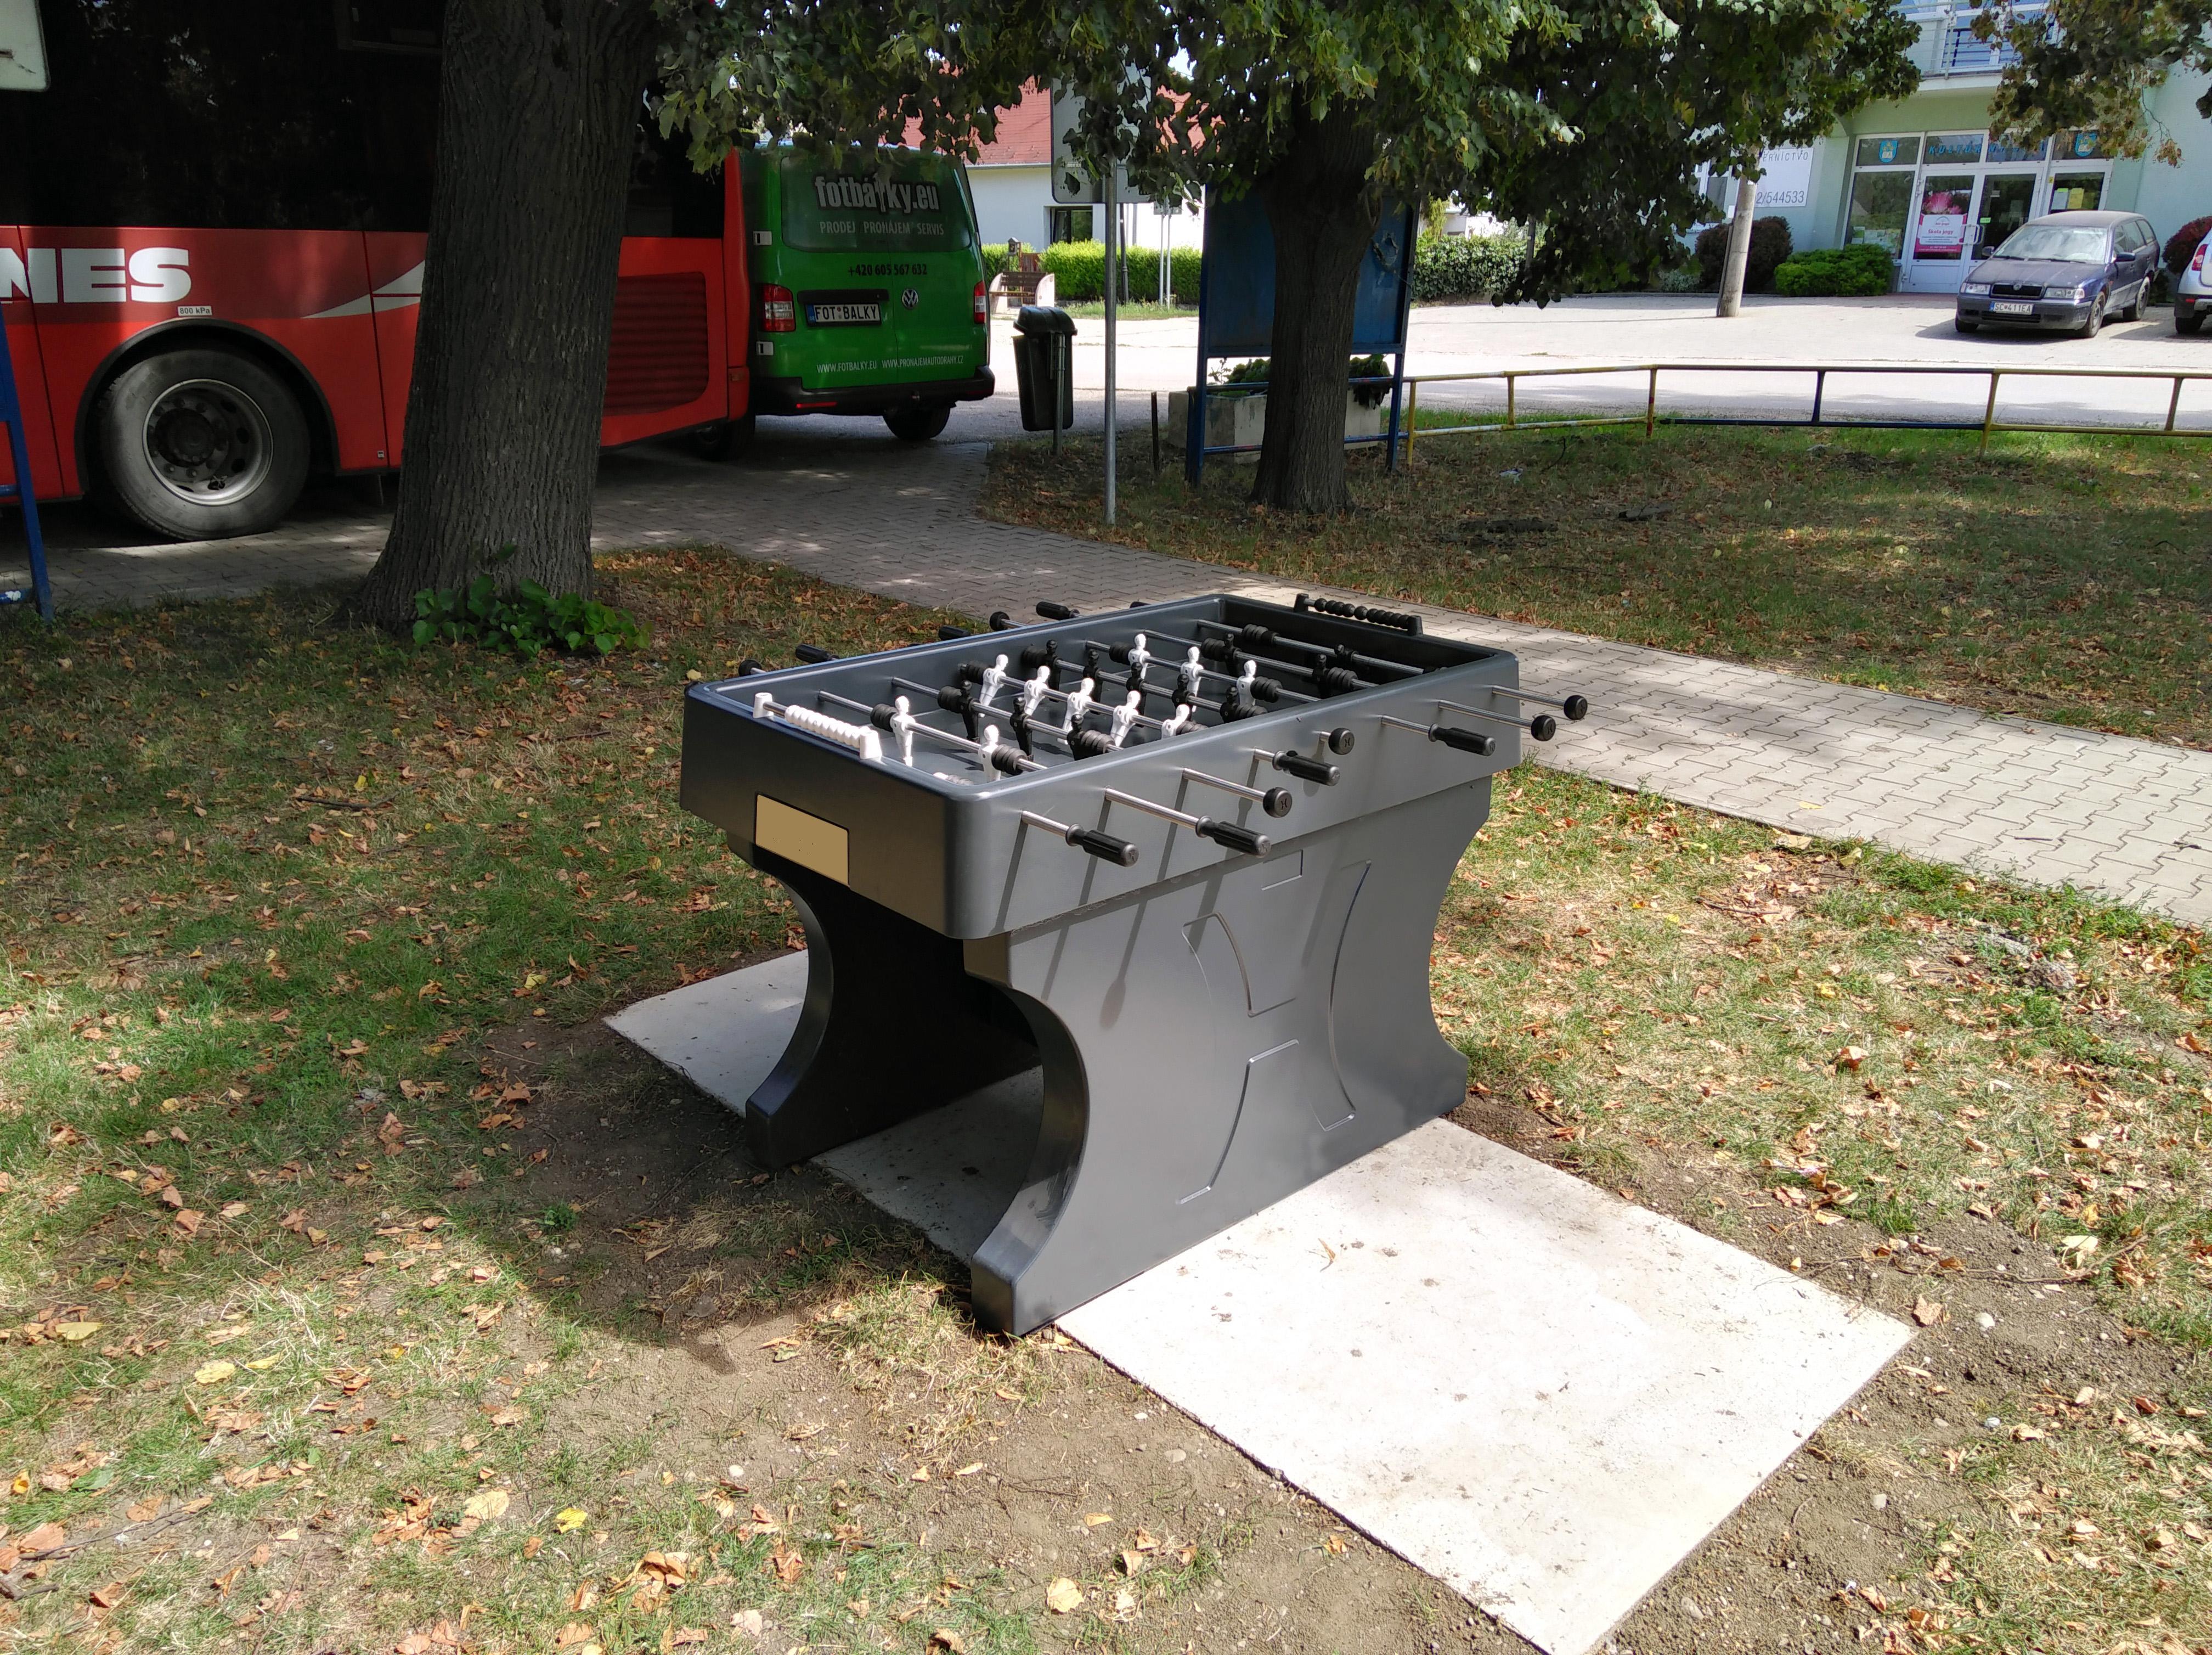 Venkovní stolní fotbálek do parku, škol apod.